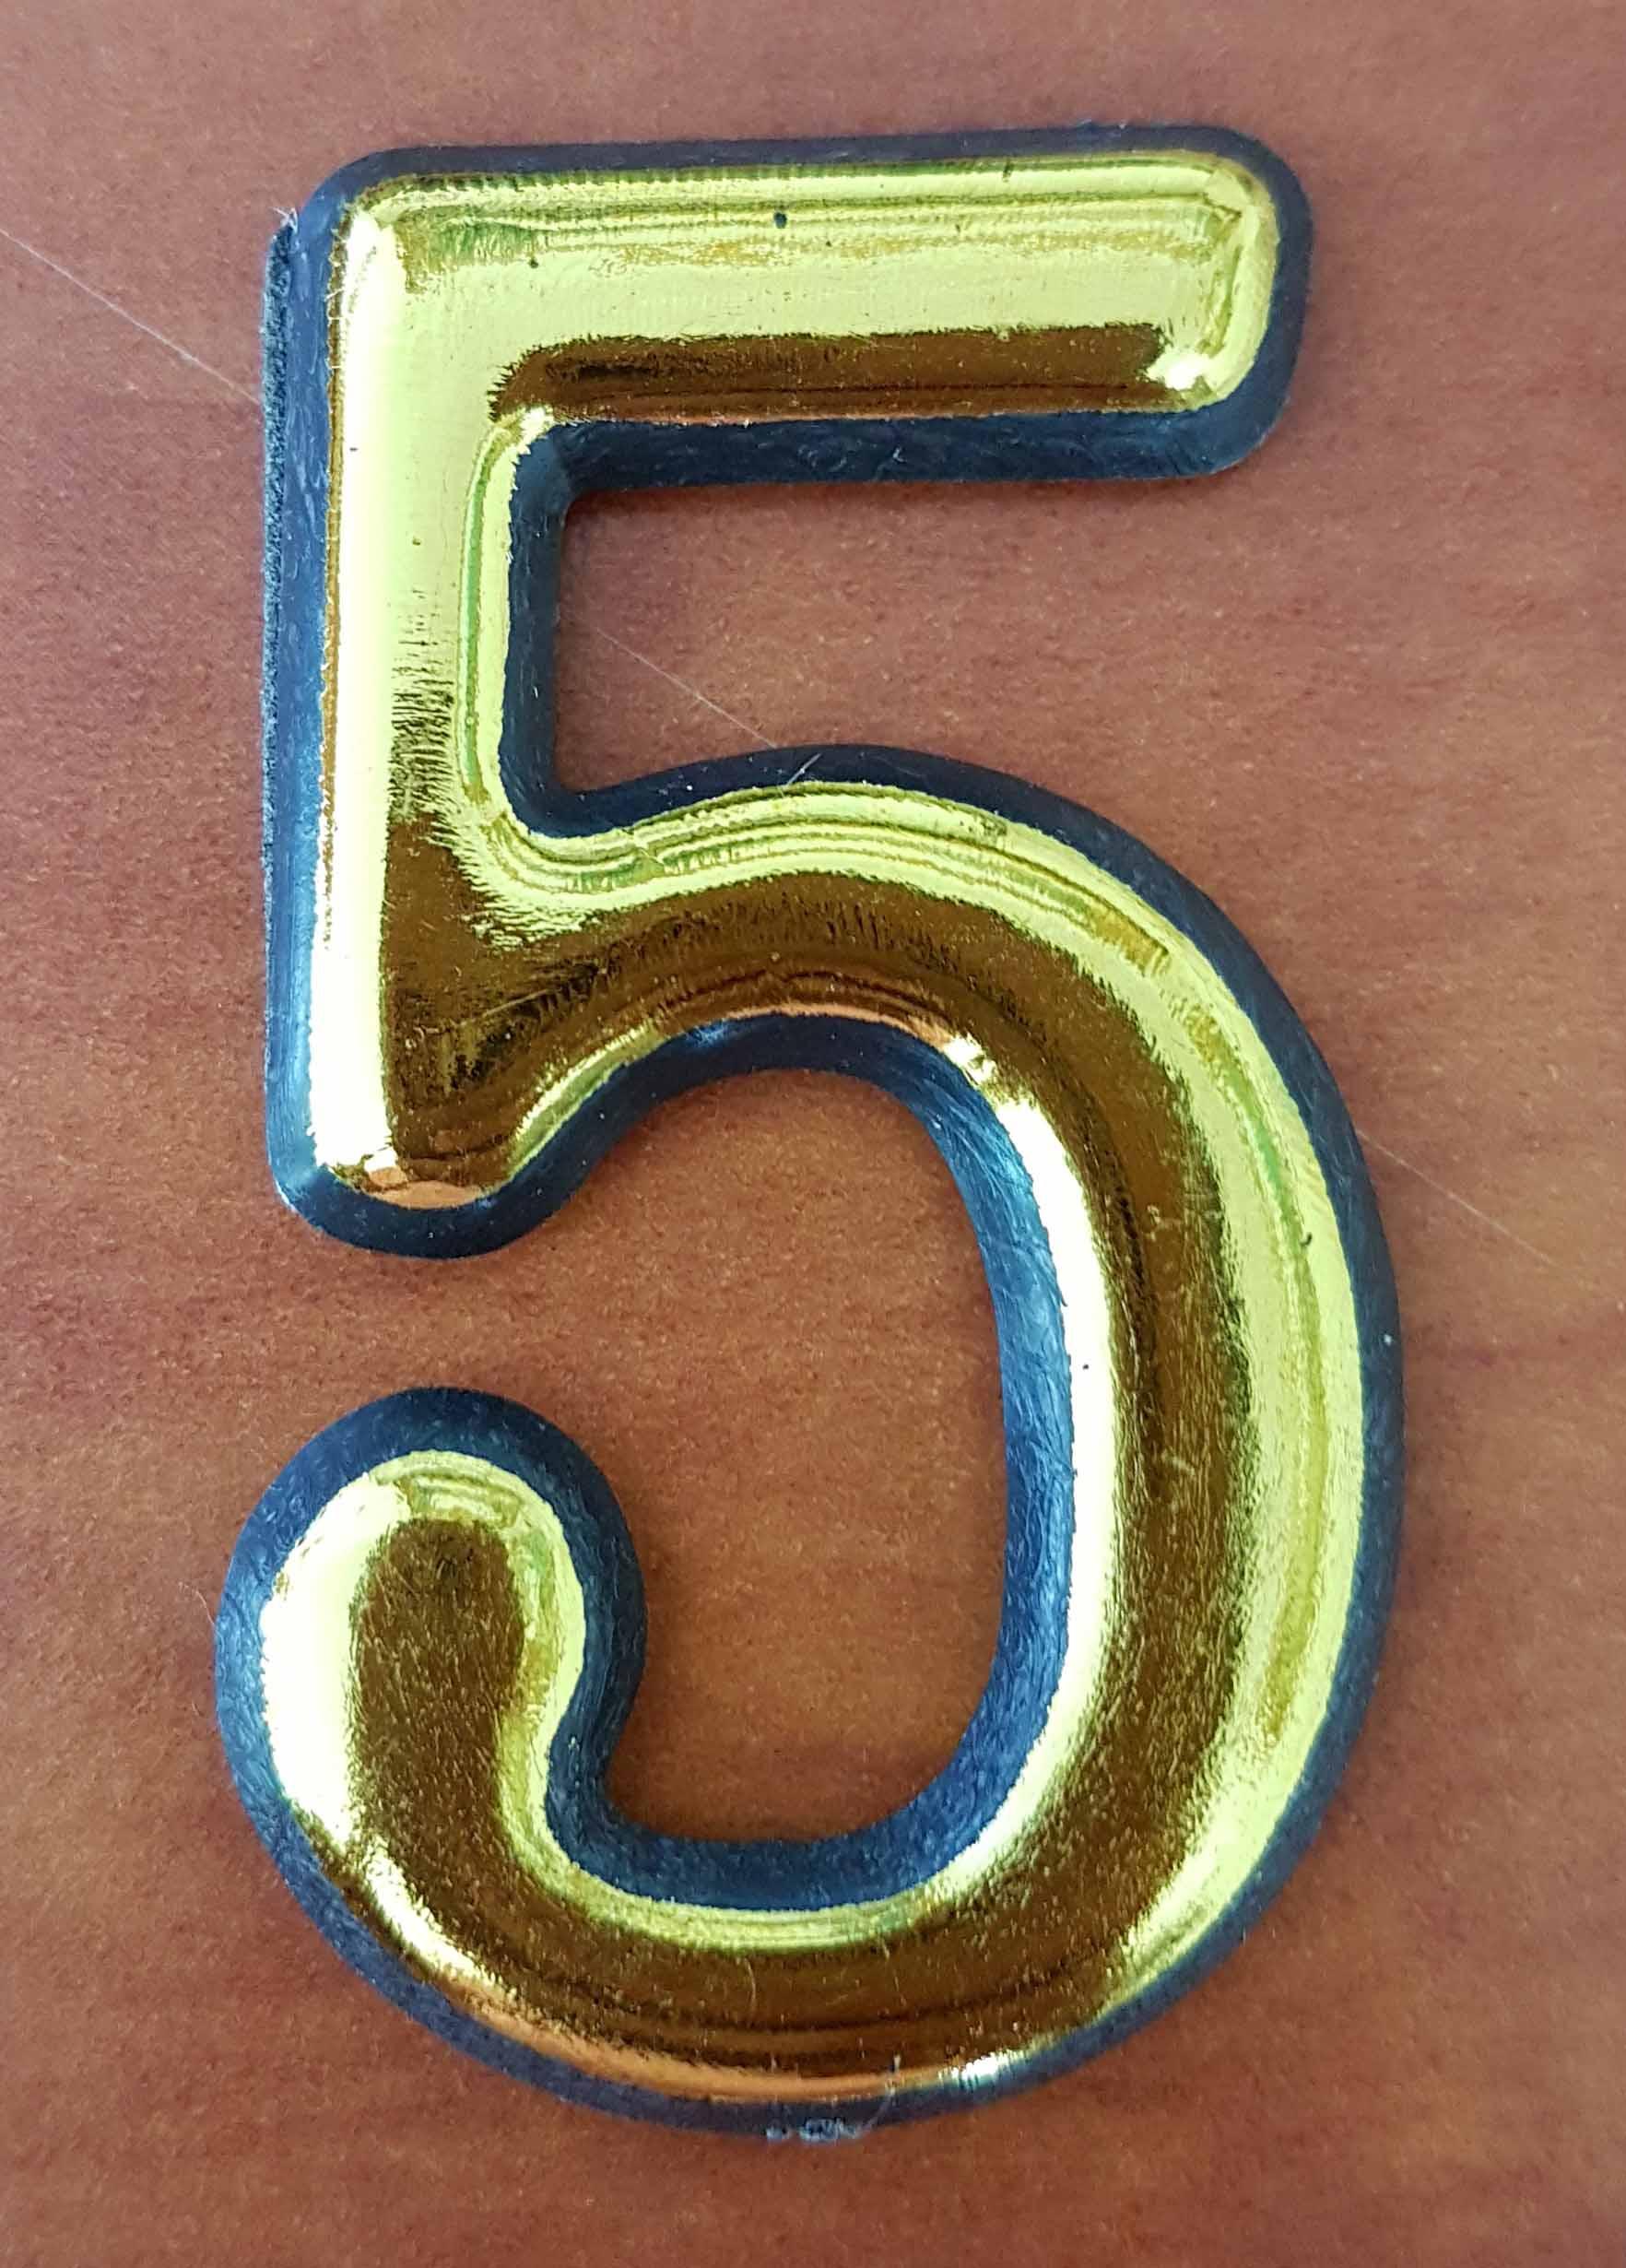 מספרים מפלסטיק צבע זהב לדלת הבית אורך 5 וחצי ס